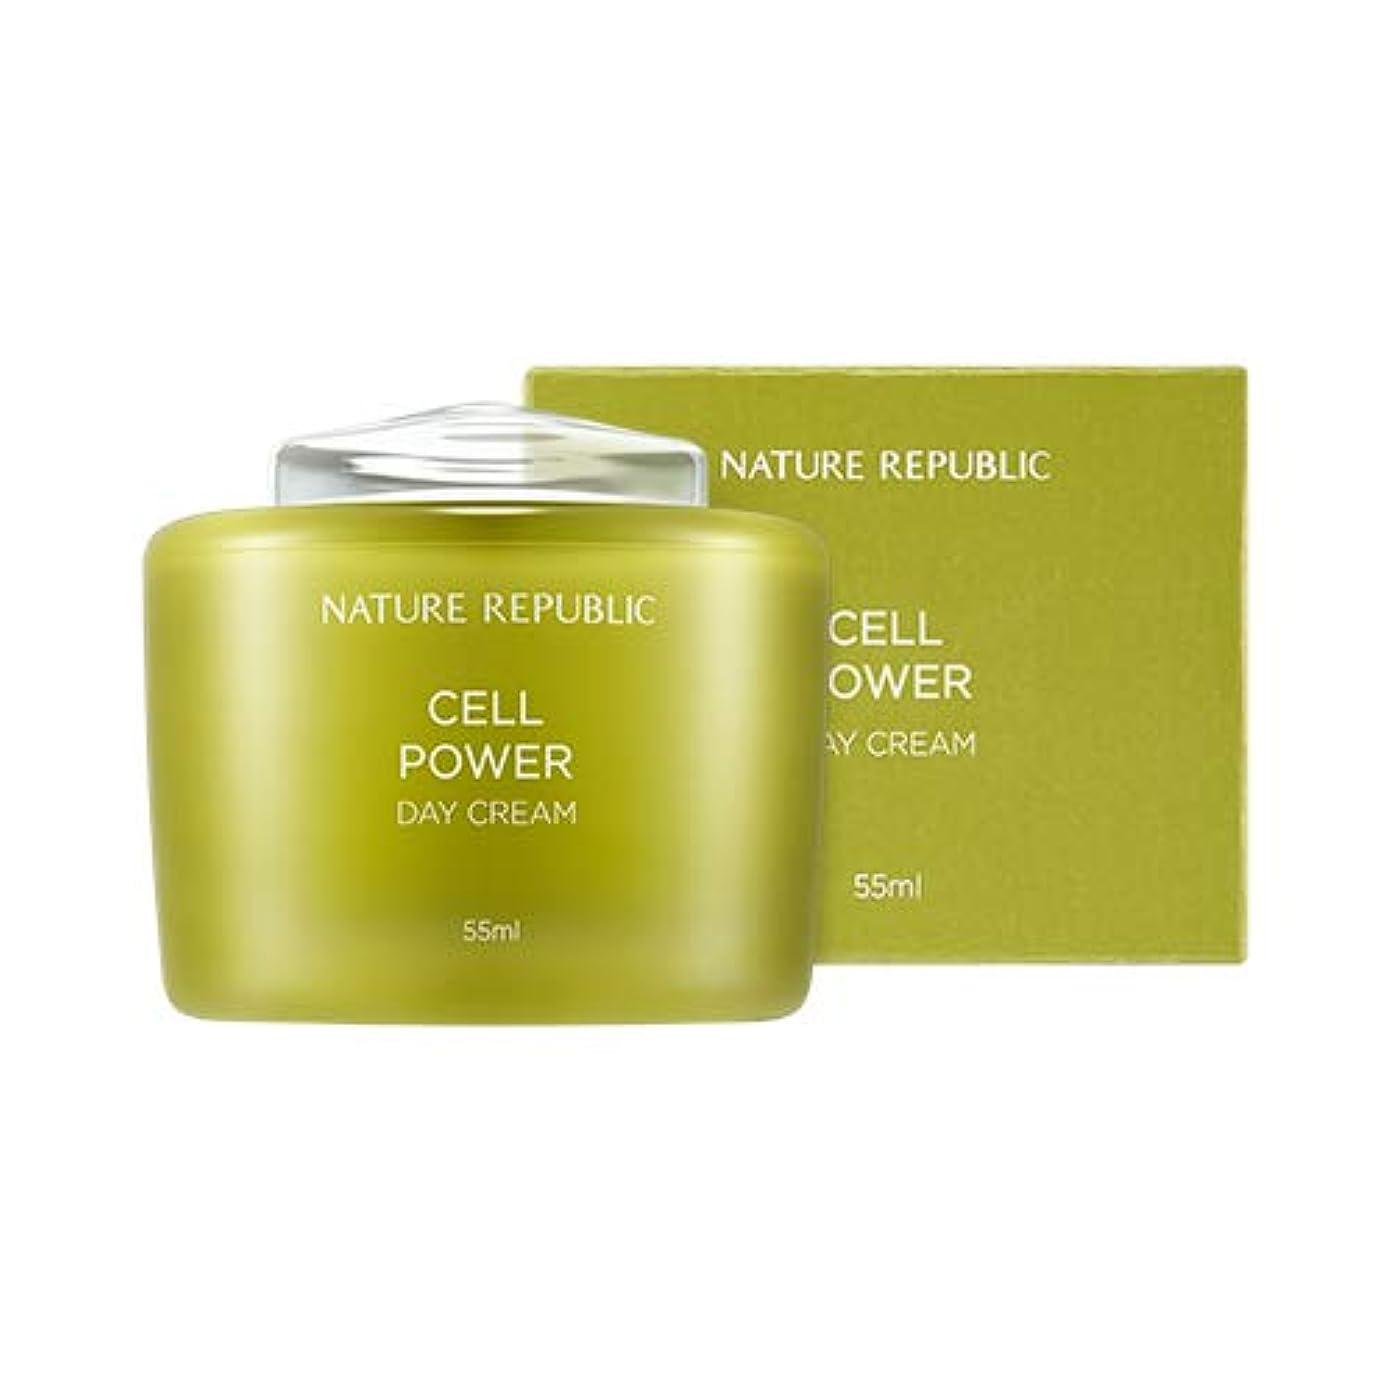 安心させる薬剤師全員NATURE REPUBLIC Cell Power Day Cream/ネイチャーリパブリック セルパワー デイクリーム 55ml [並行輸入品]